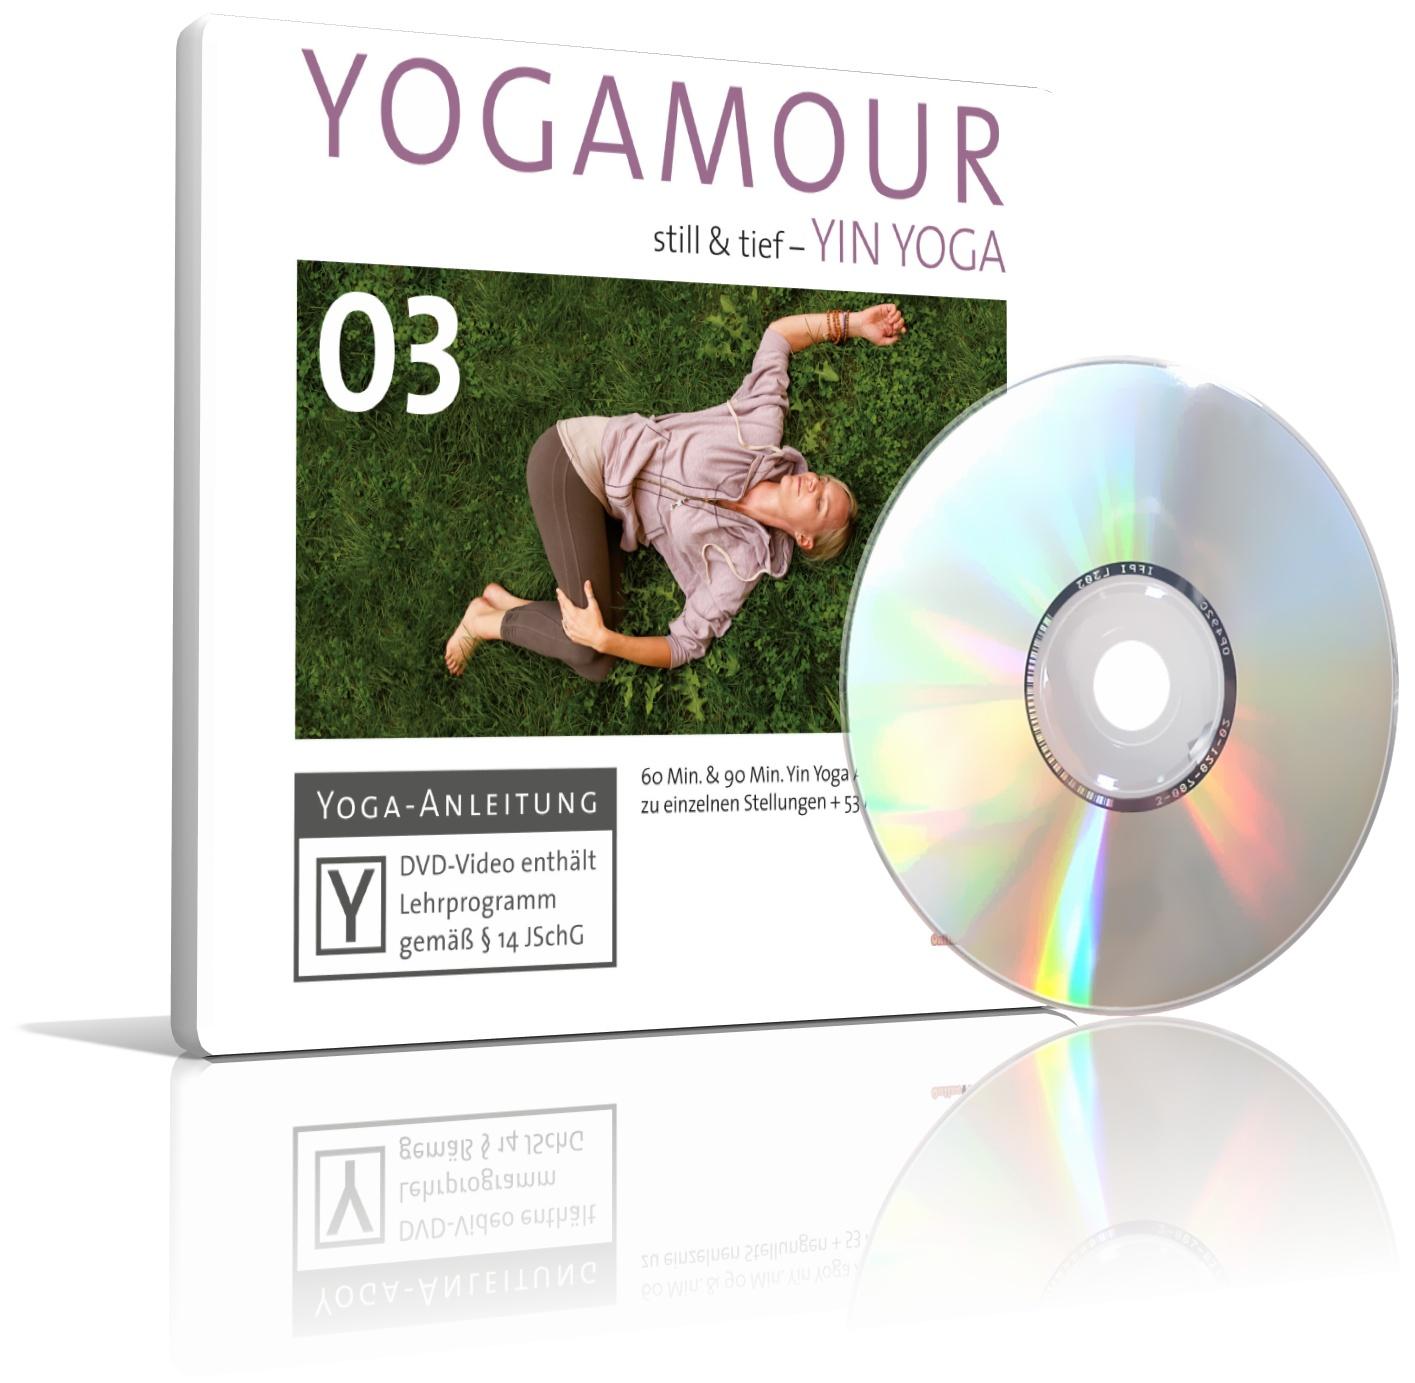 Yin Yoga, still & tief von YOGAMOUR (DVD)